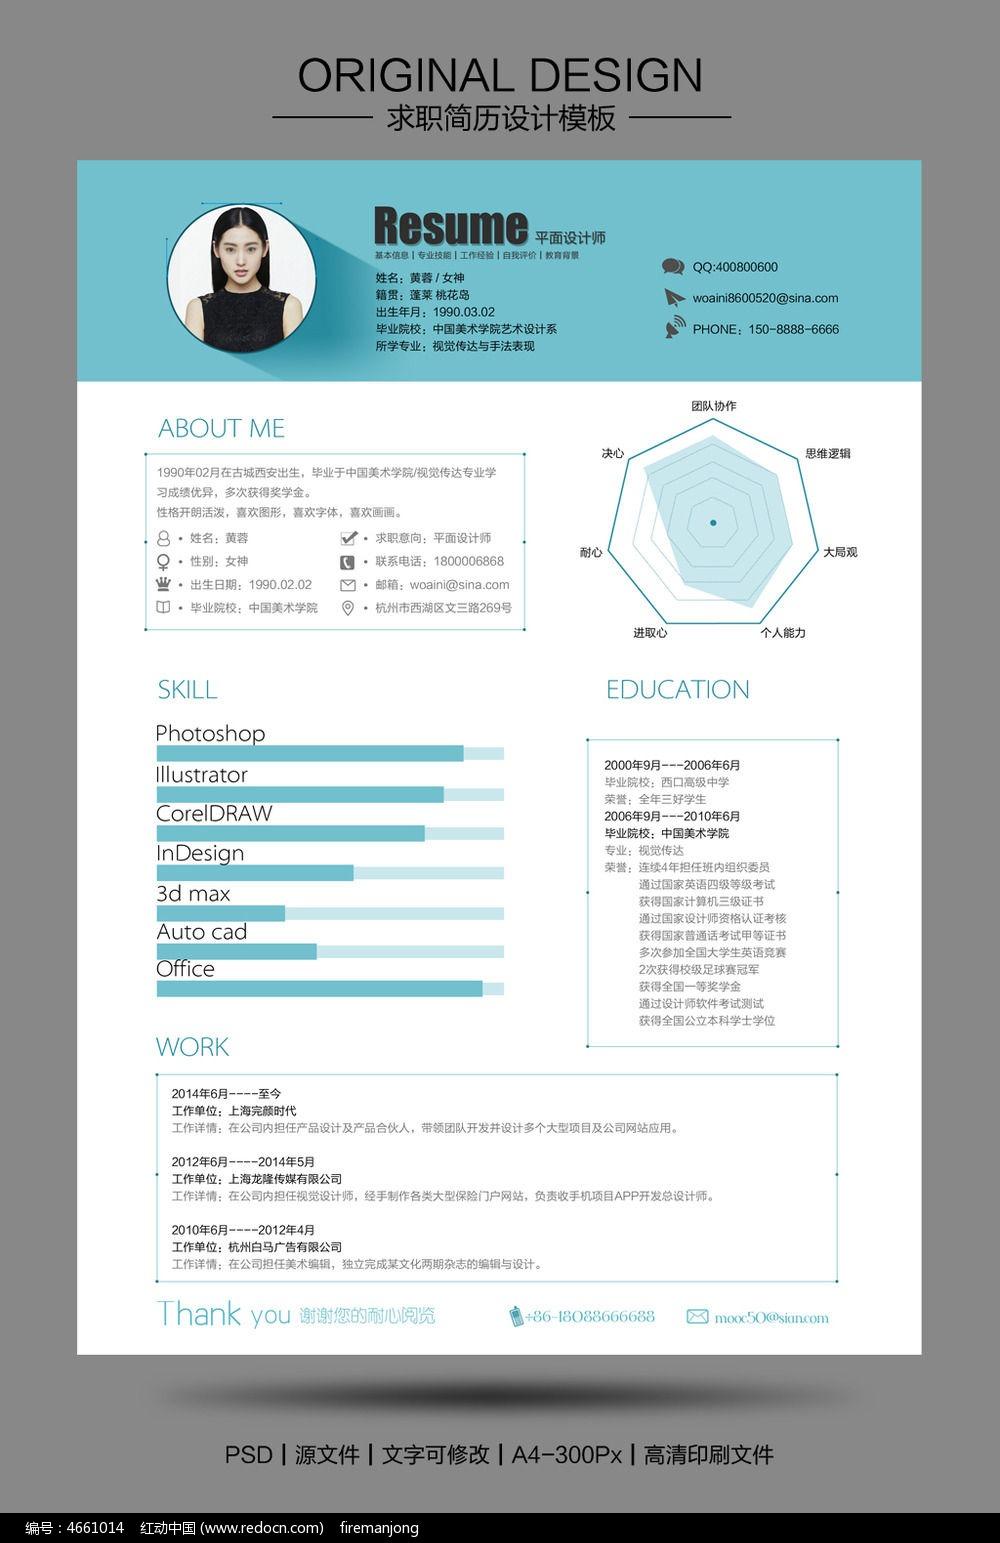 简约设计师求职简历模板图片